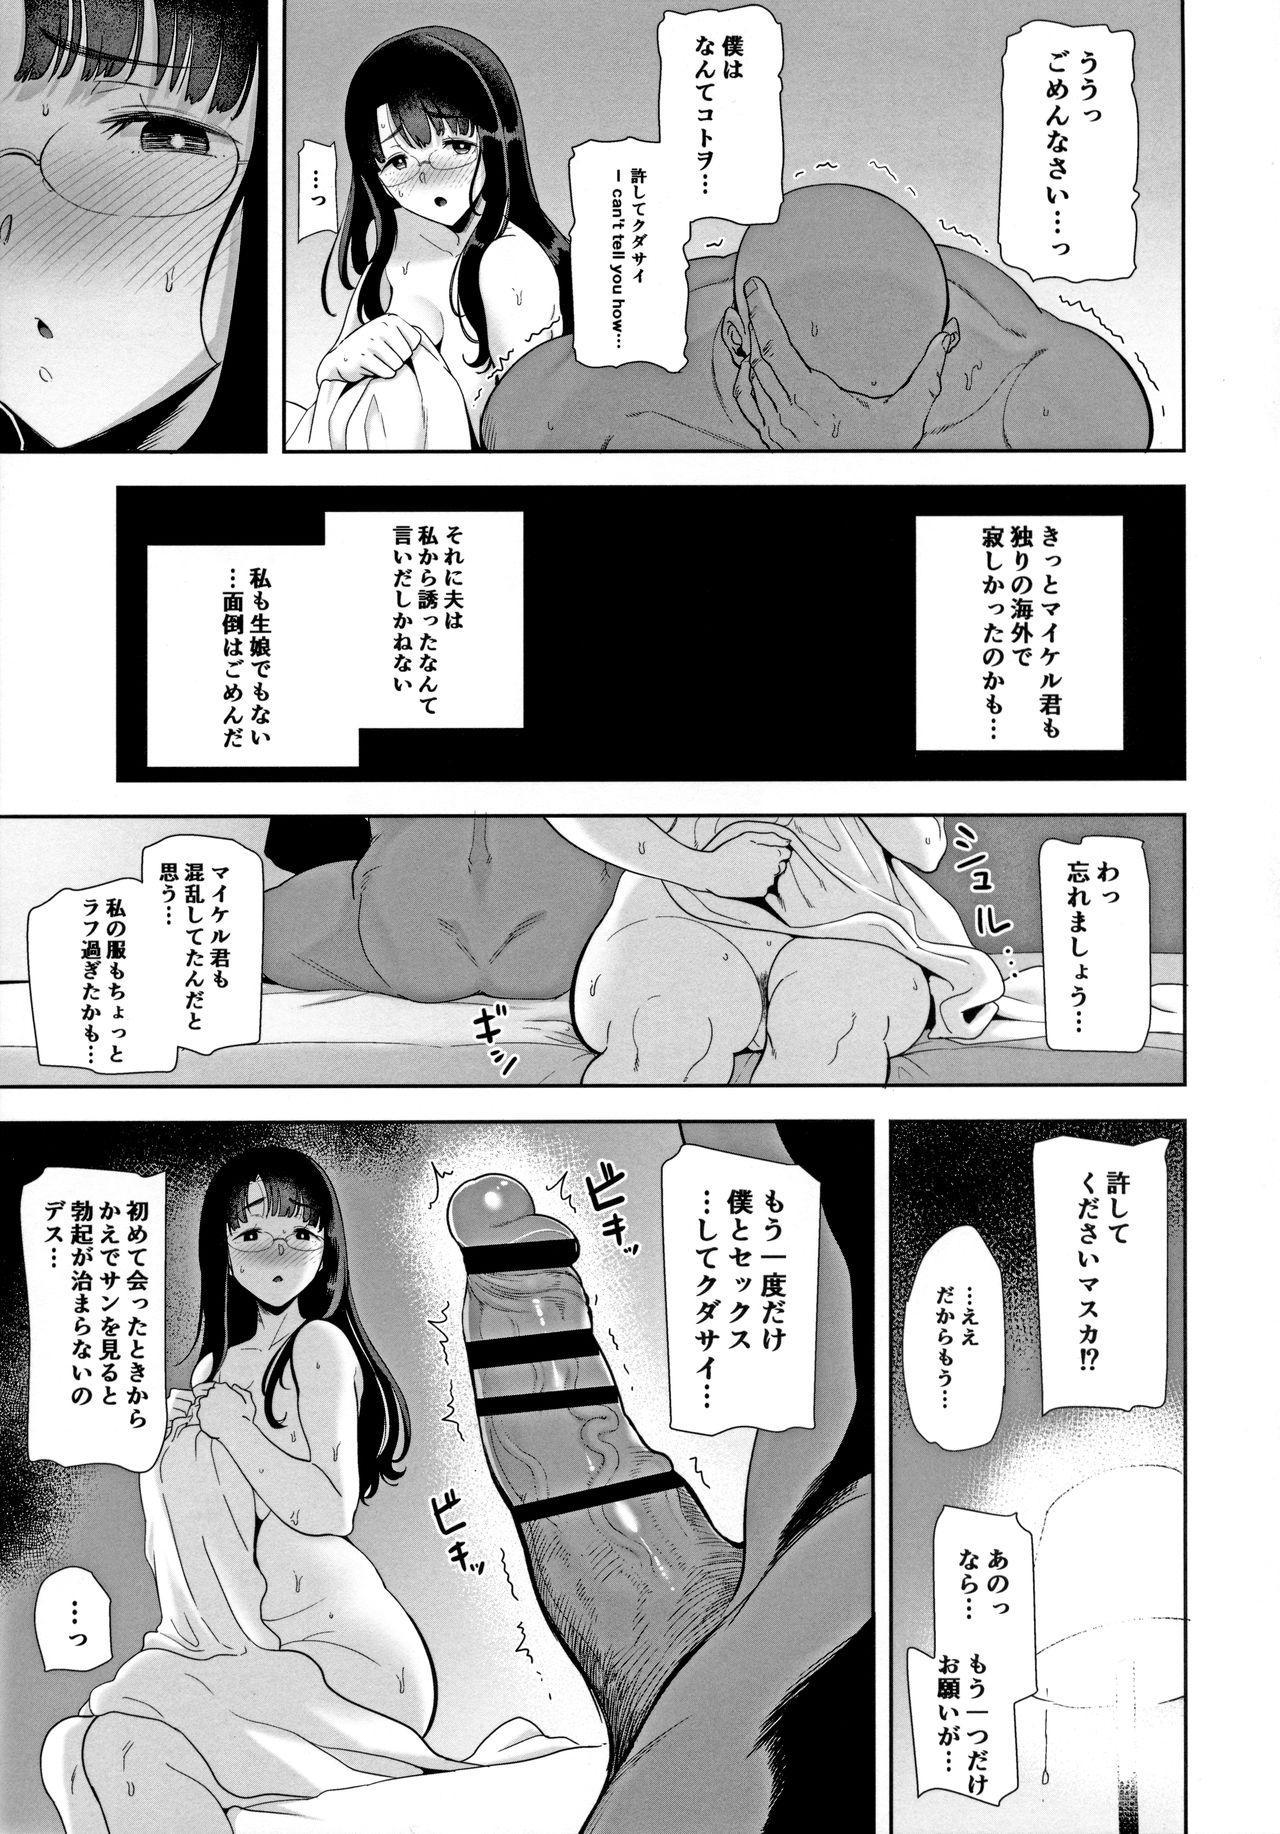 Wild-shiki Nihonjin Tsuma no Netorikata Sono Ichi 5